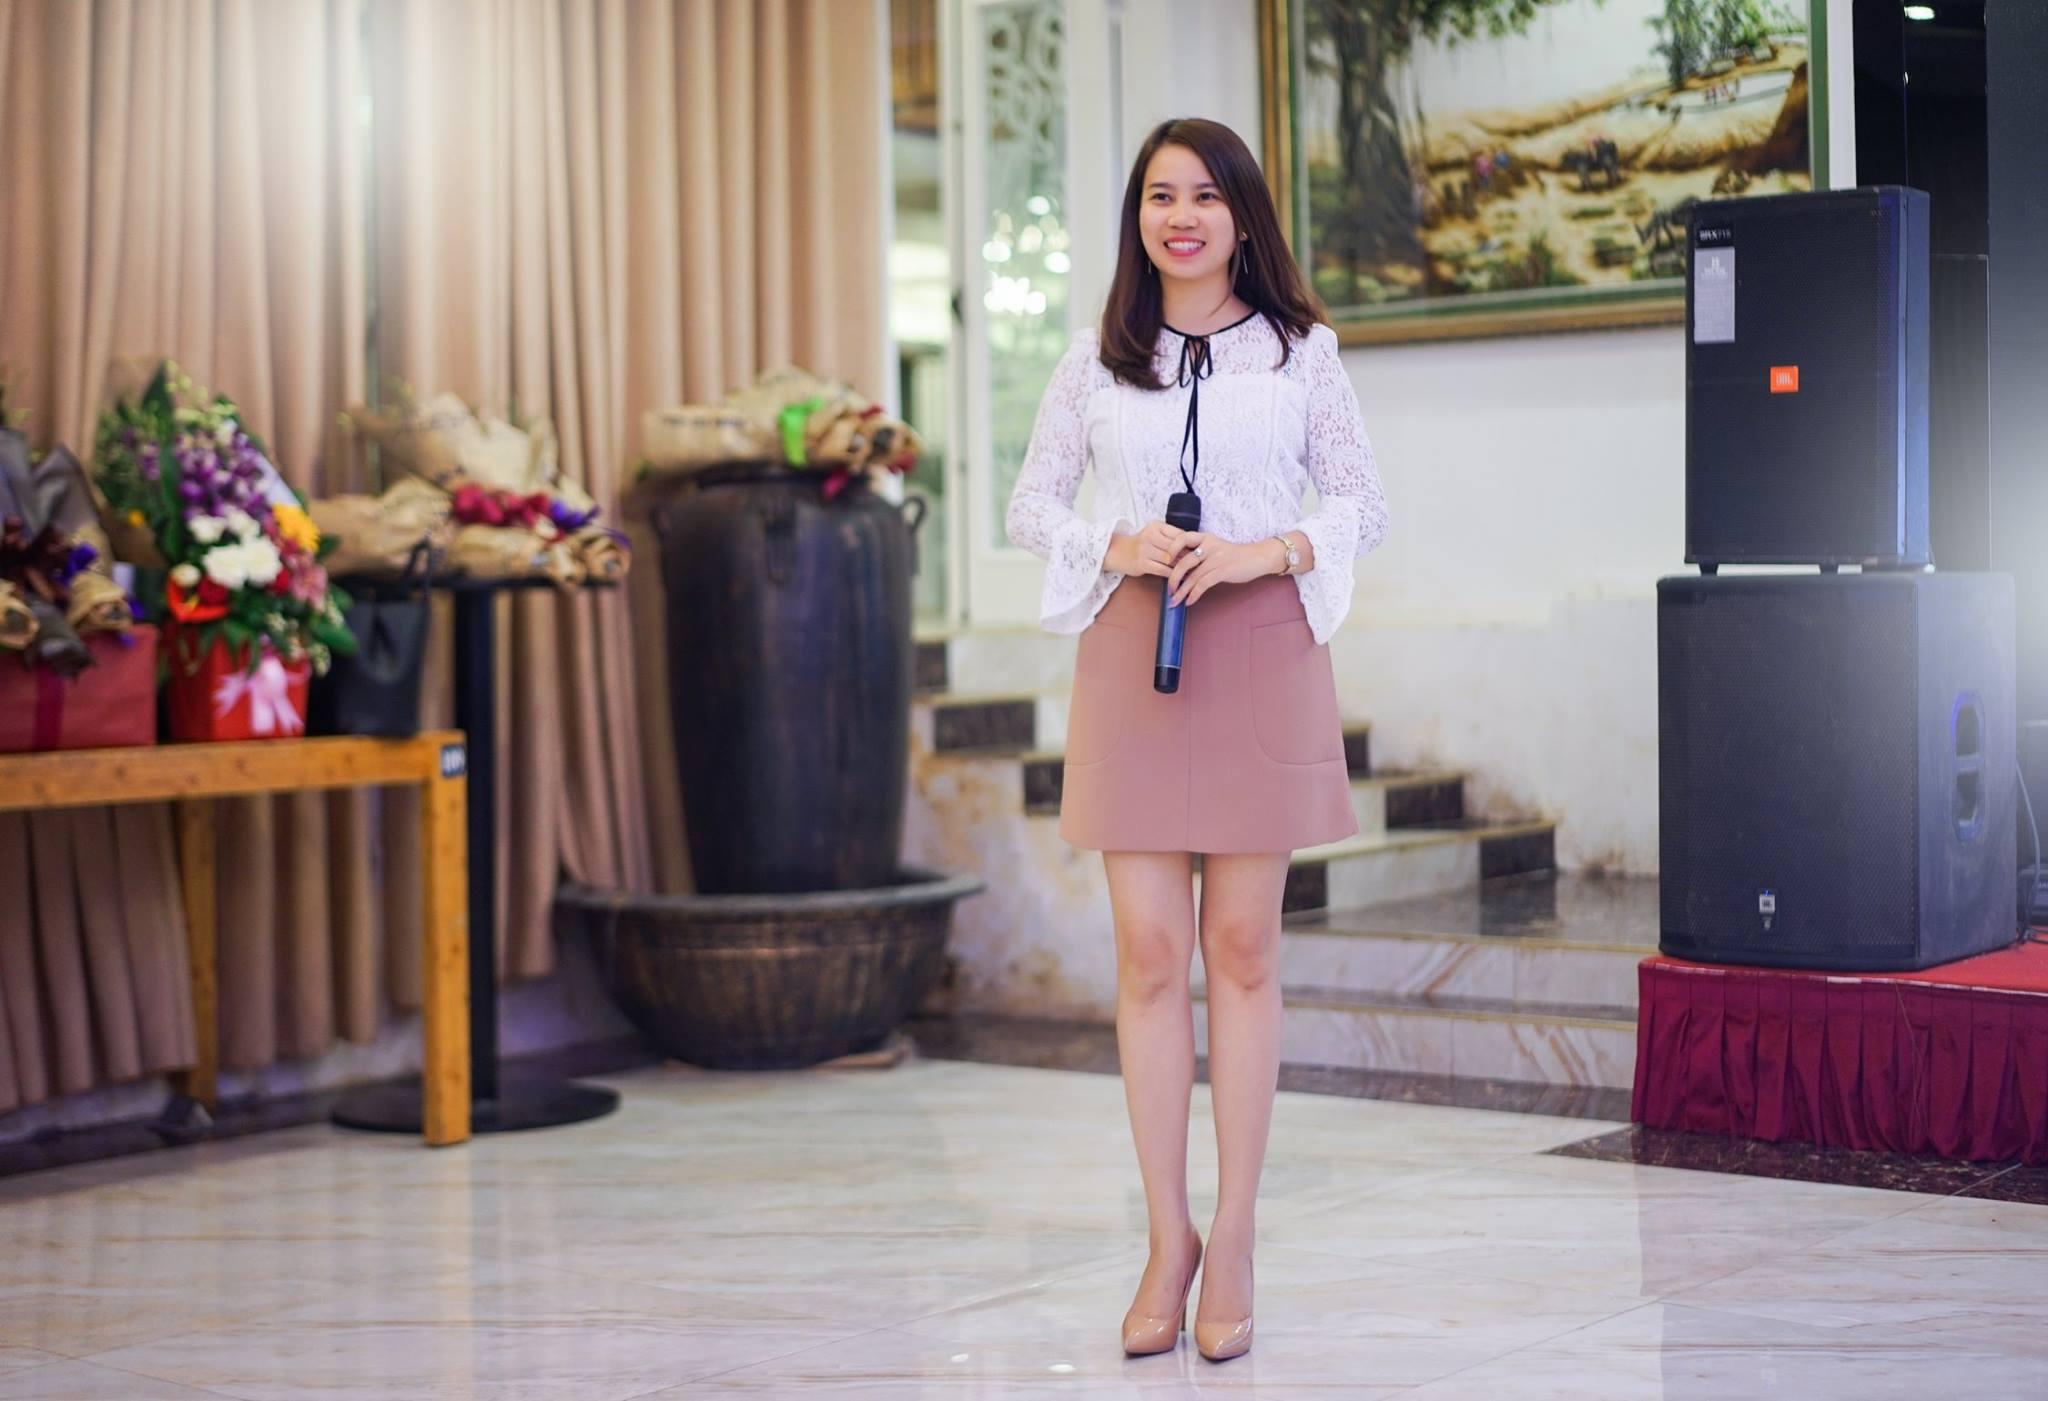 Cô Huyền Ngọc- Quản lý tài năng, sáng tạo. Đồng thời cô cũng là một MC dày dặn kinh nghiệm trong các chương trình, sự kiện của nhà trường.